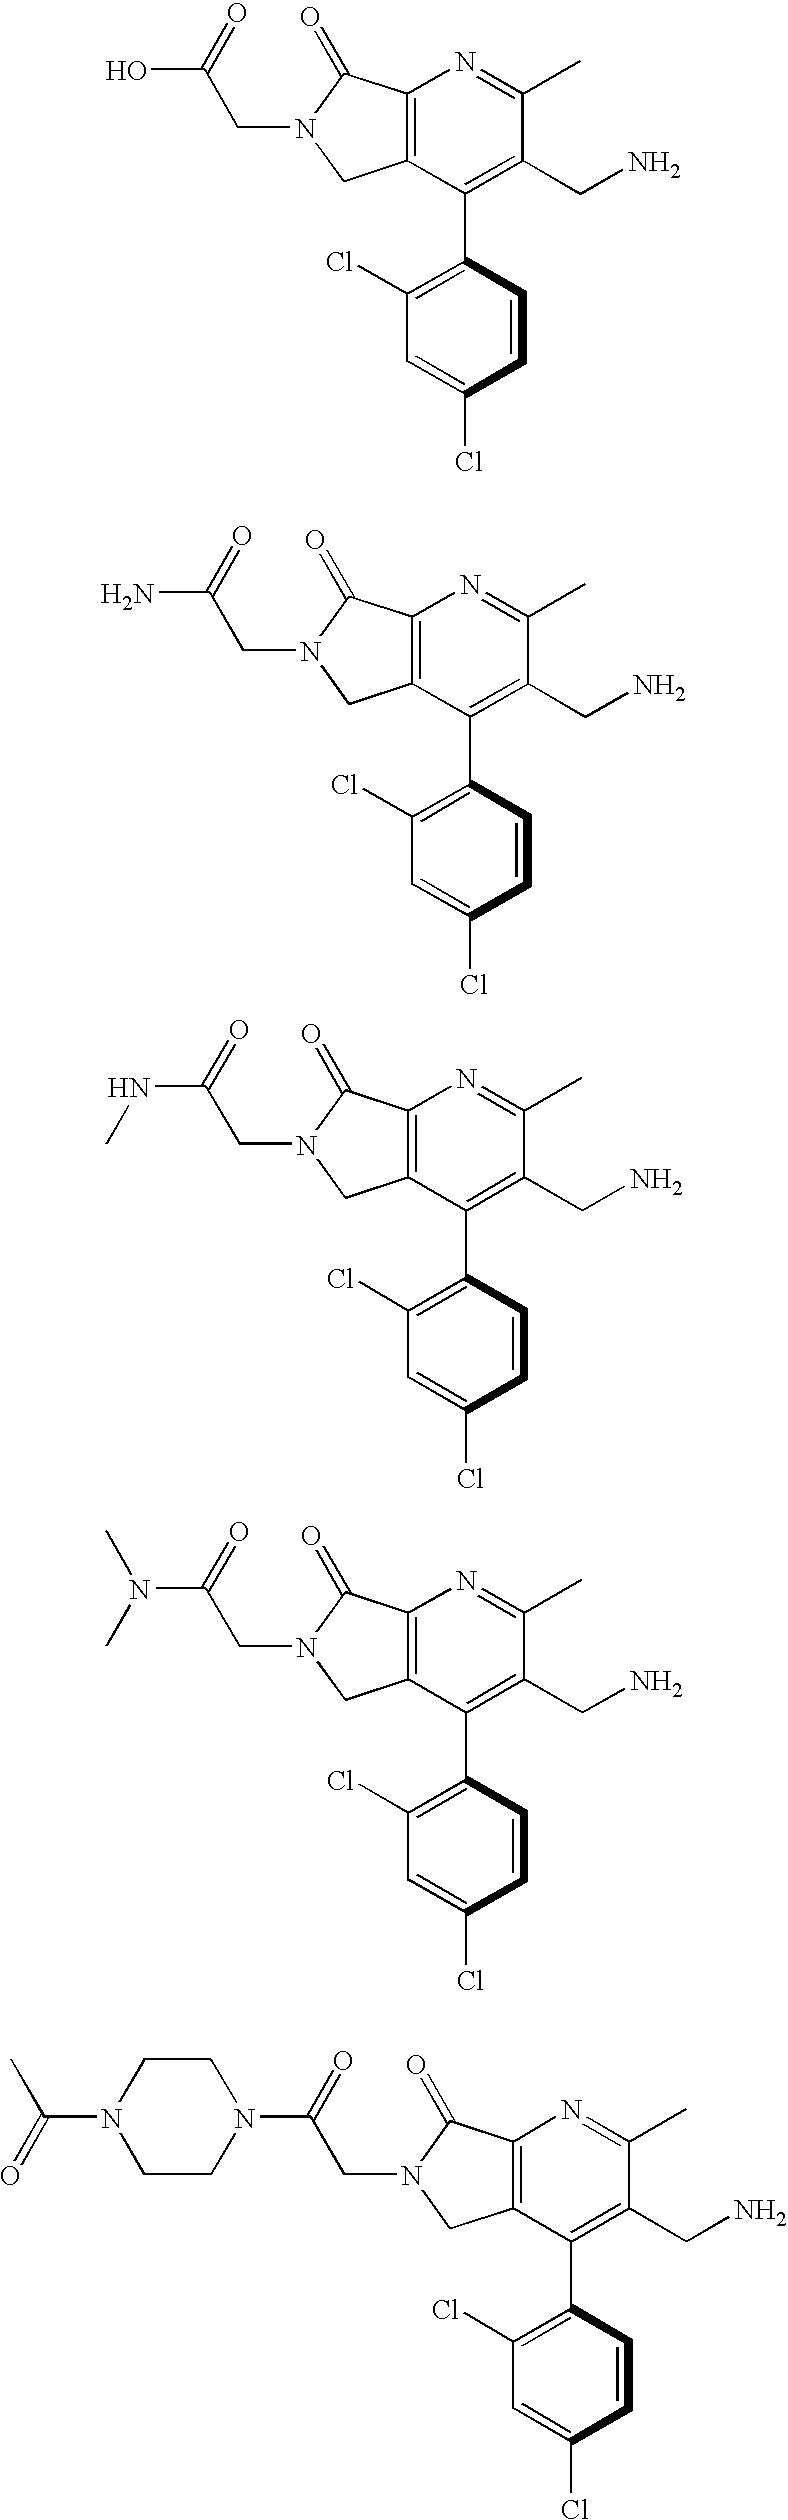 Figure US07521557-20090421-C00019